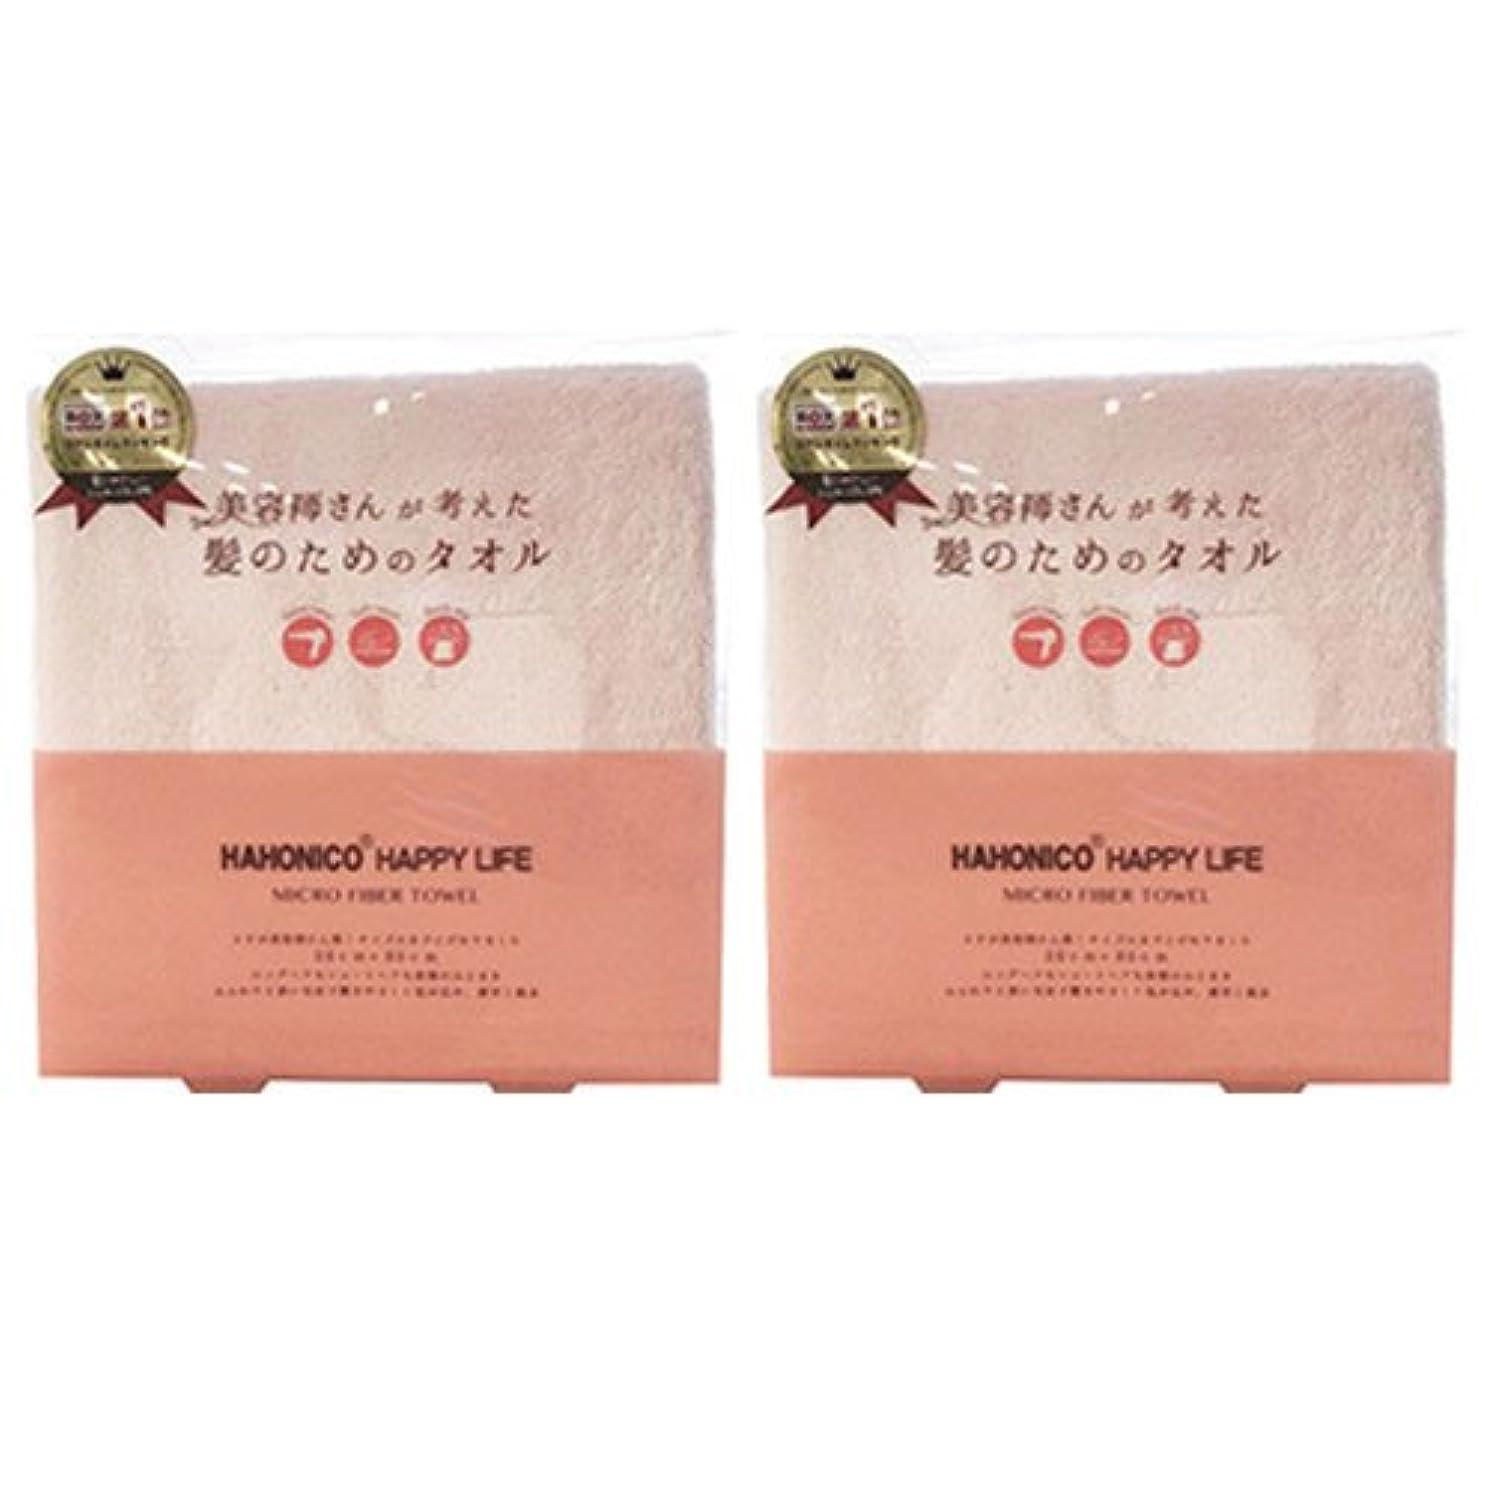 スカリー麺かすれたハホニコ ヘアドライマイクロファイバータオル ピンク 2個